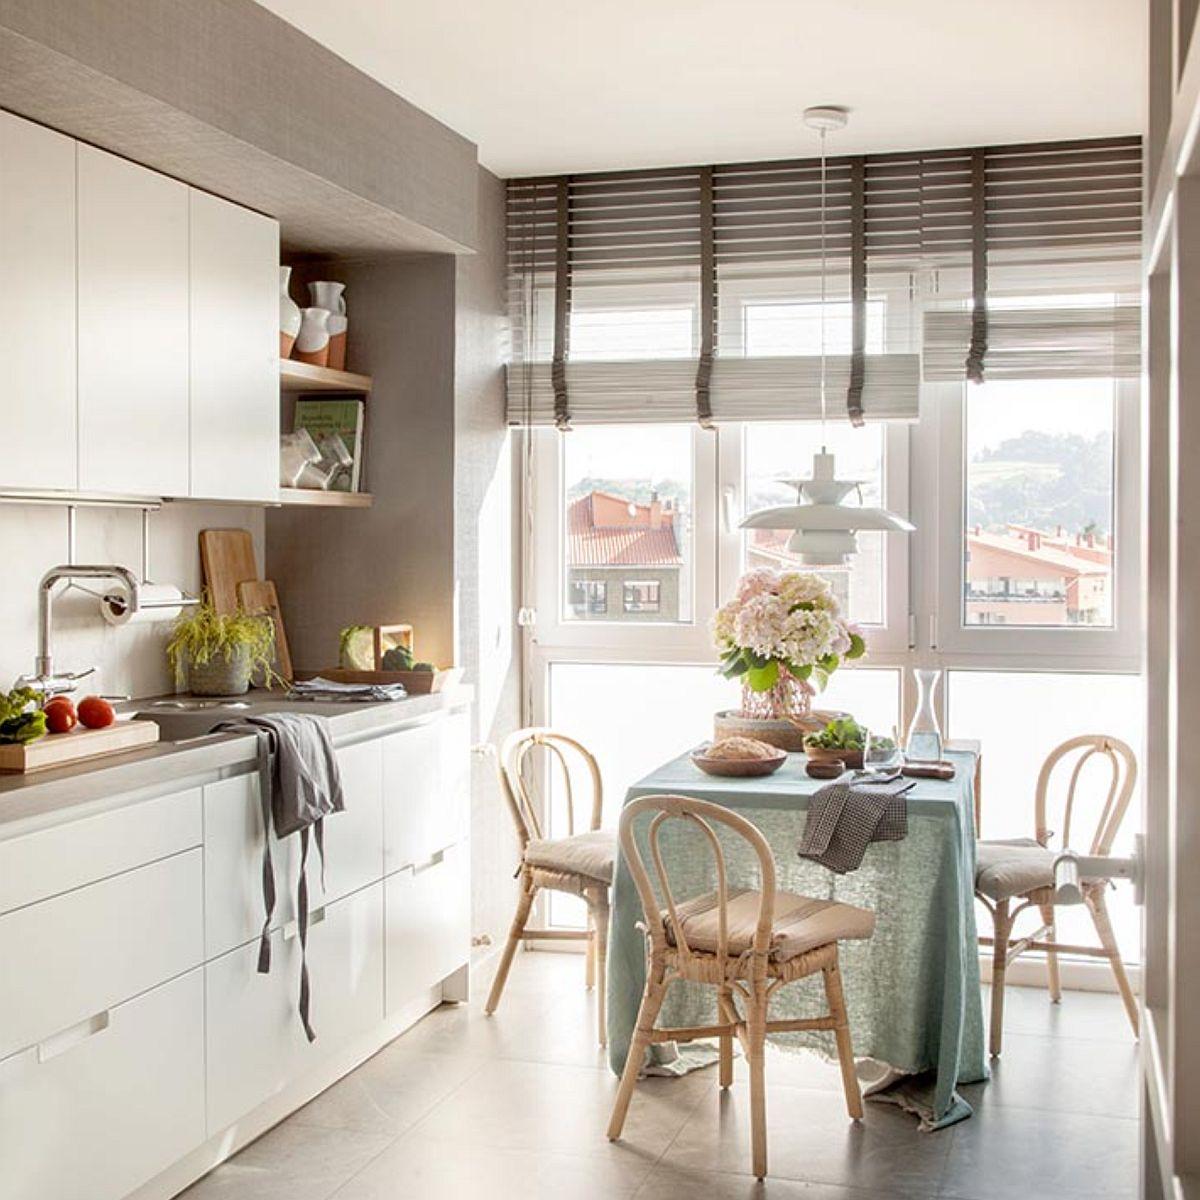 O parte din pereții bucătăriei, respectiv grinda de deasupra mobilierului și în laterale, designerul a prevăzut tapet vinilic. Deși poate fi mai sensibil acest material în bucătărie, el conferă un aer mai plăcut, mai cald, iar designerul l-a ales aici știind că există o fereastră generoasă pentru ventilare naturală, dar și că zonele cu tapet sunt departe de zona de gătit.